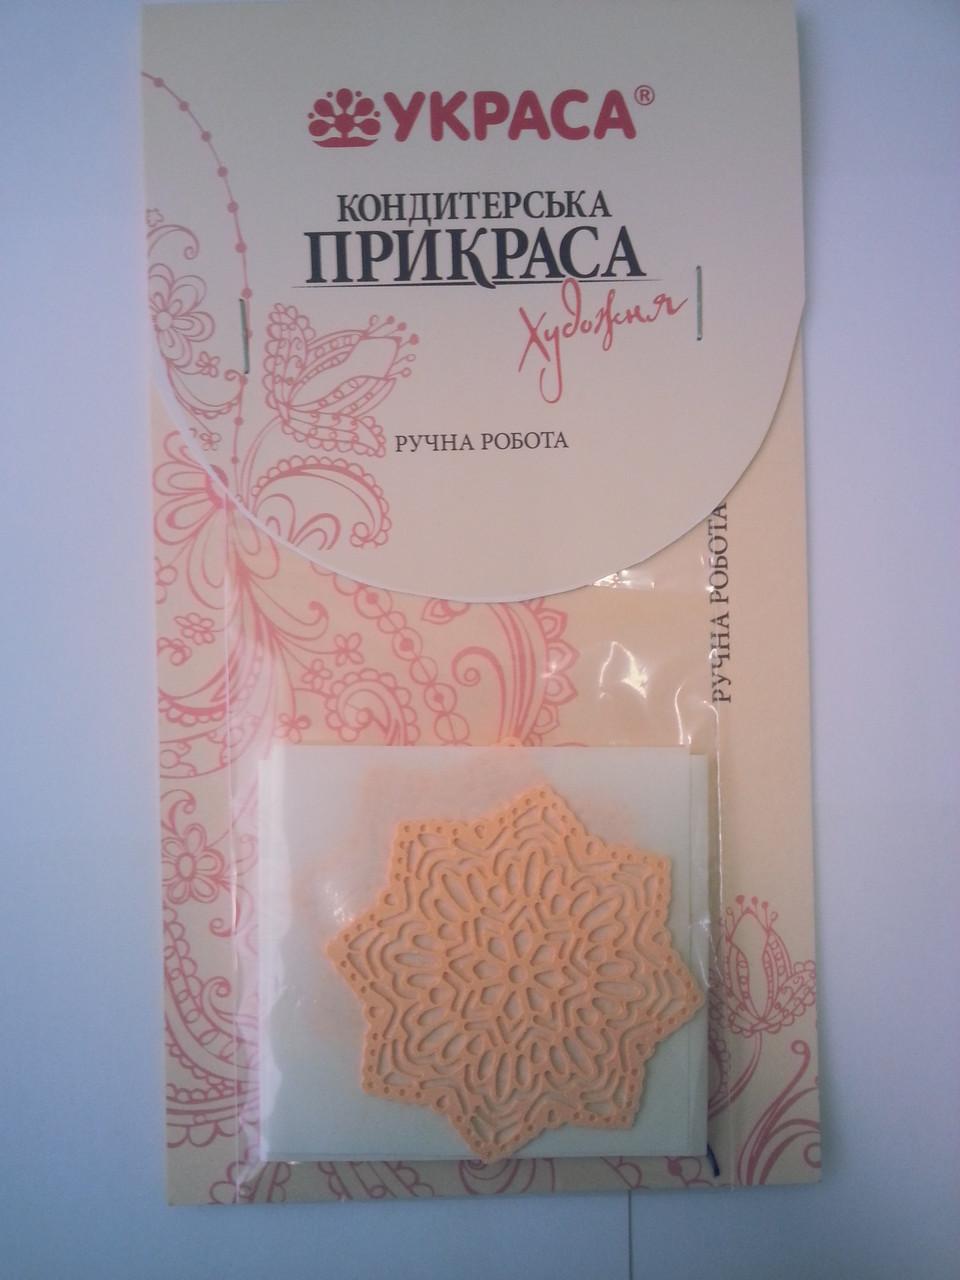 Гибкое кружево листочки, цветочки (съедобная) Ассорти Украина - 04289